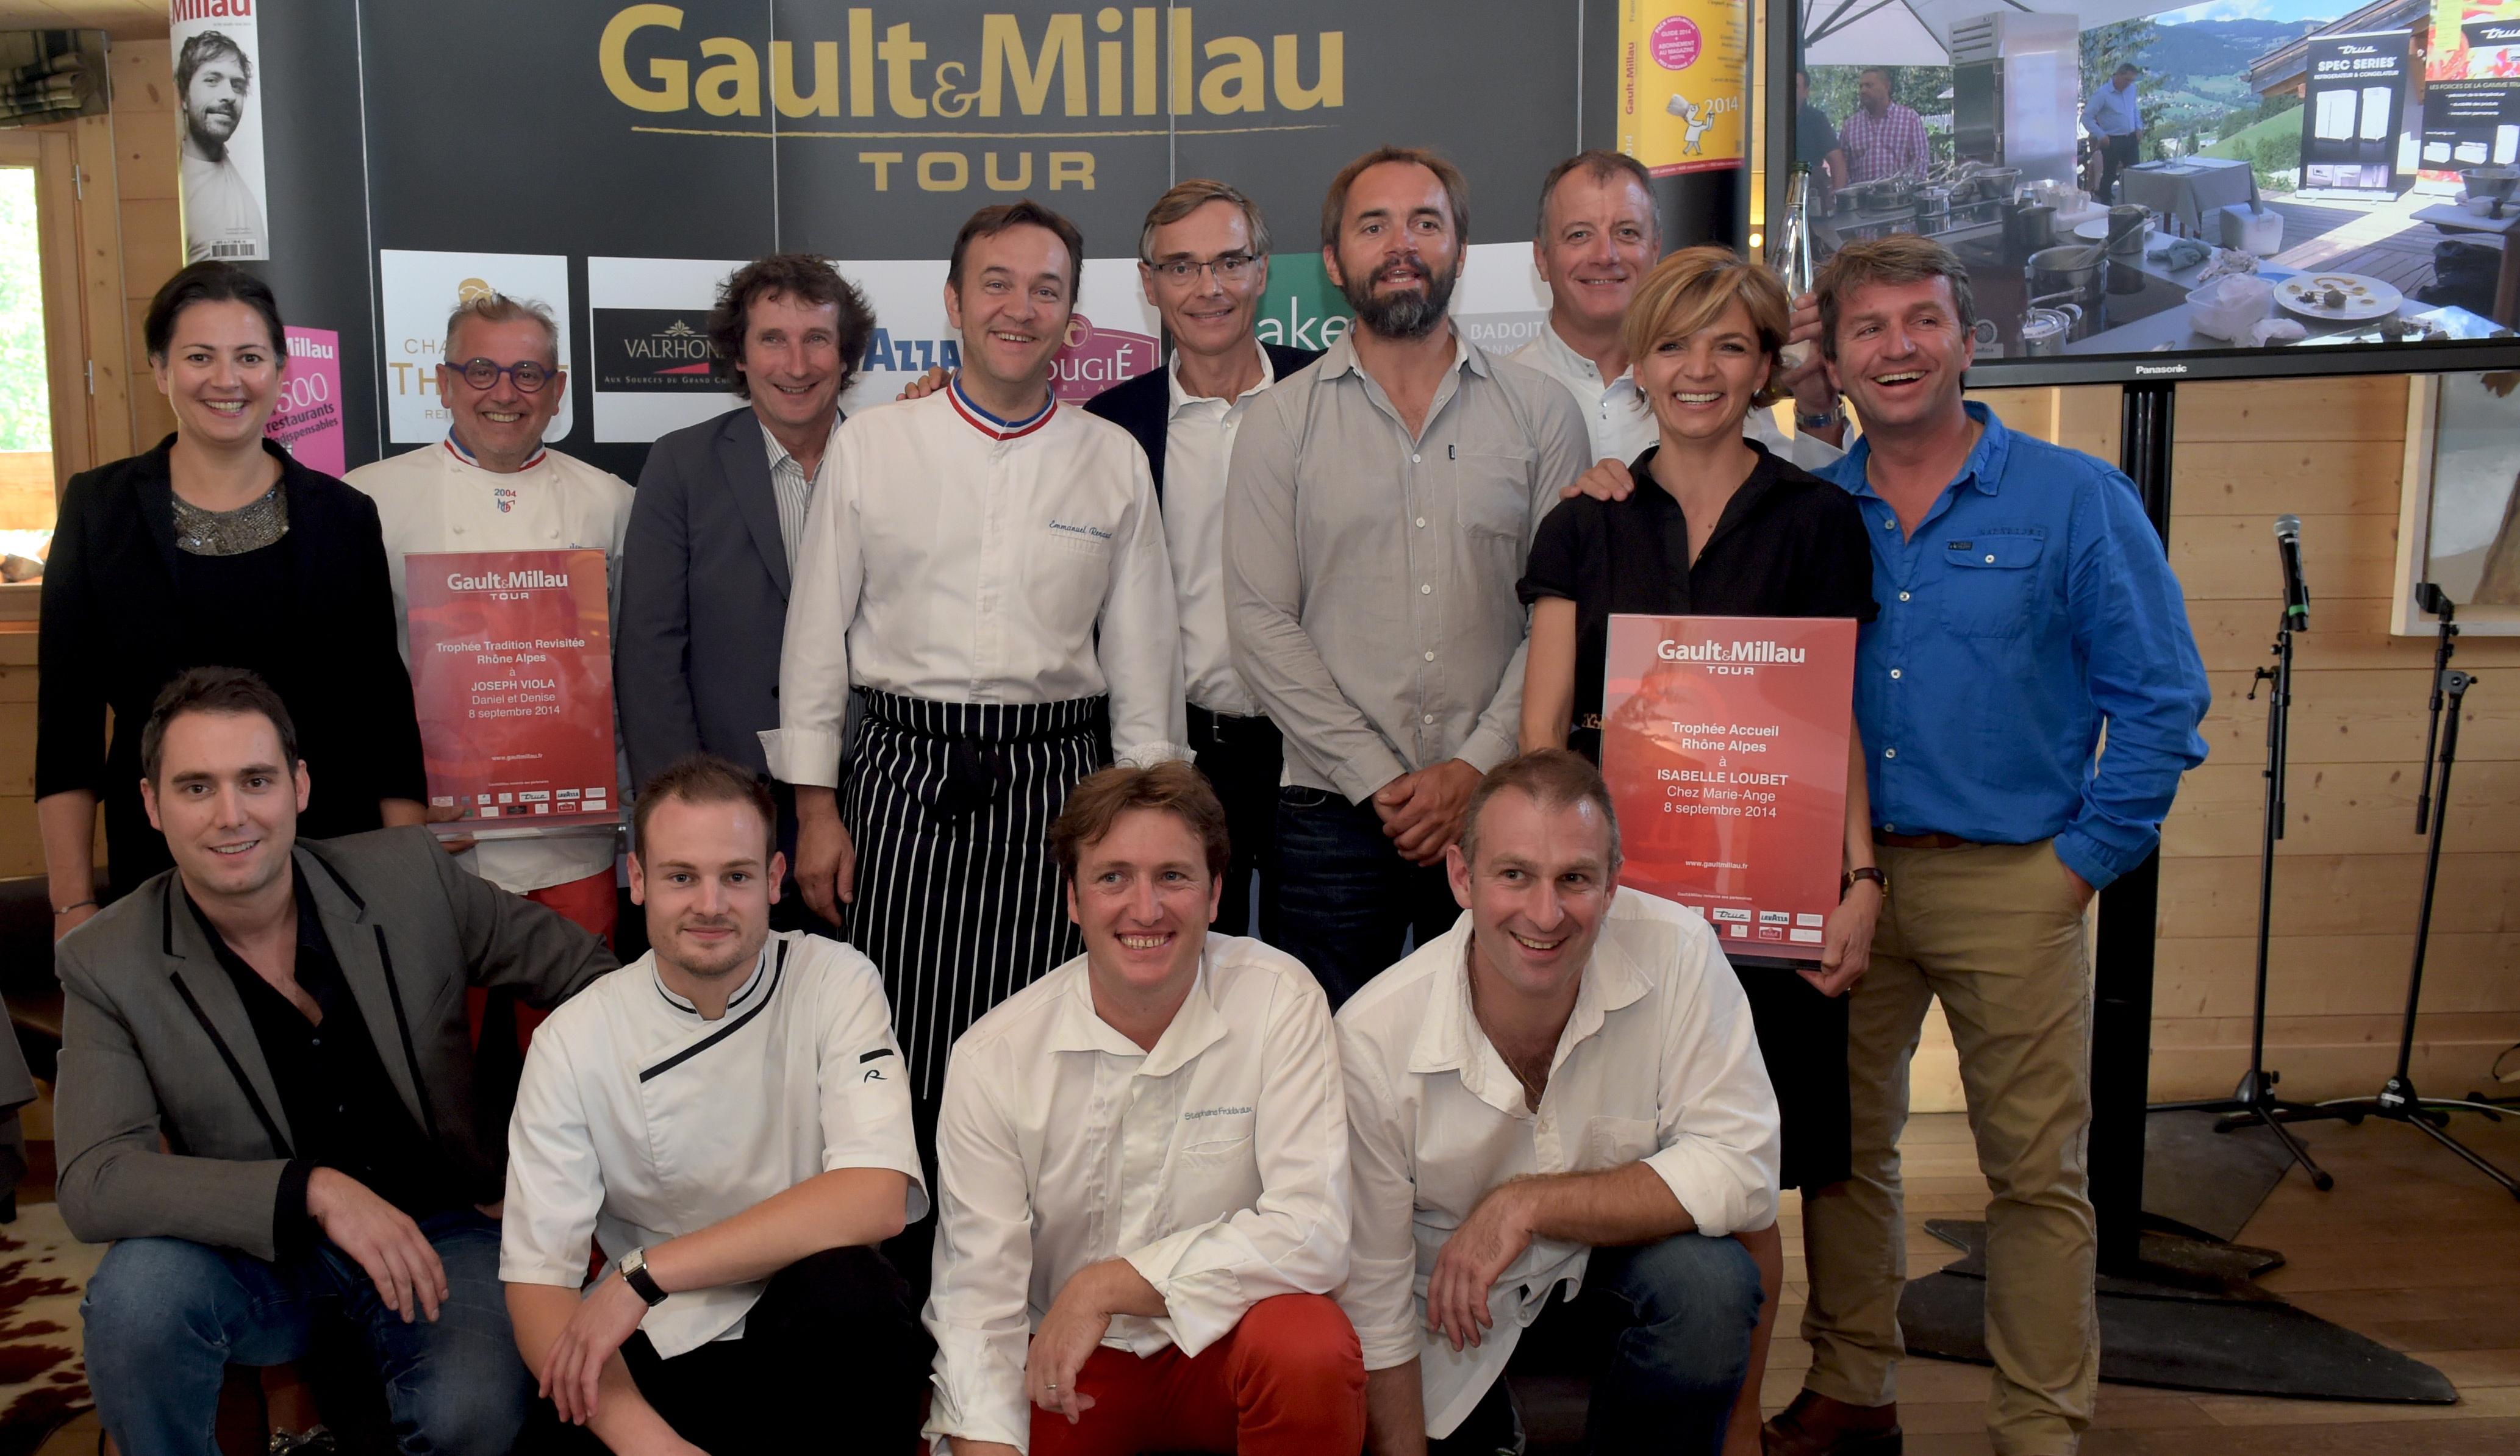 Gault & Millau Tour 2014. La crème des chefs en démonstration à Megève